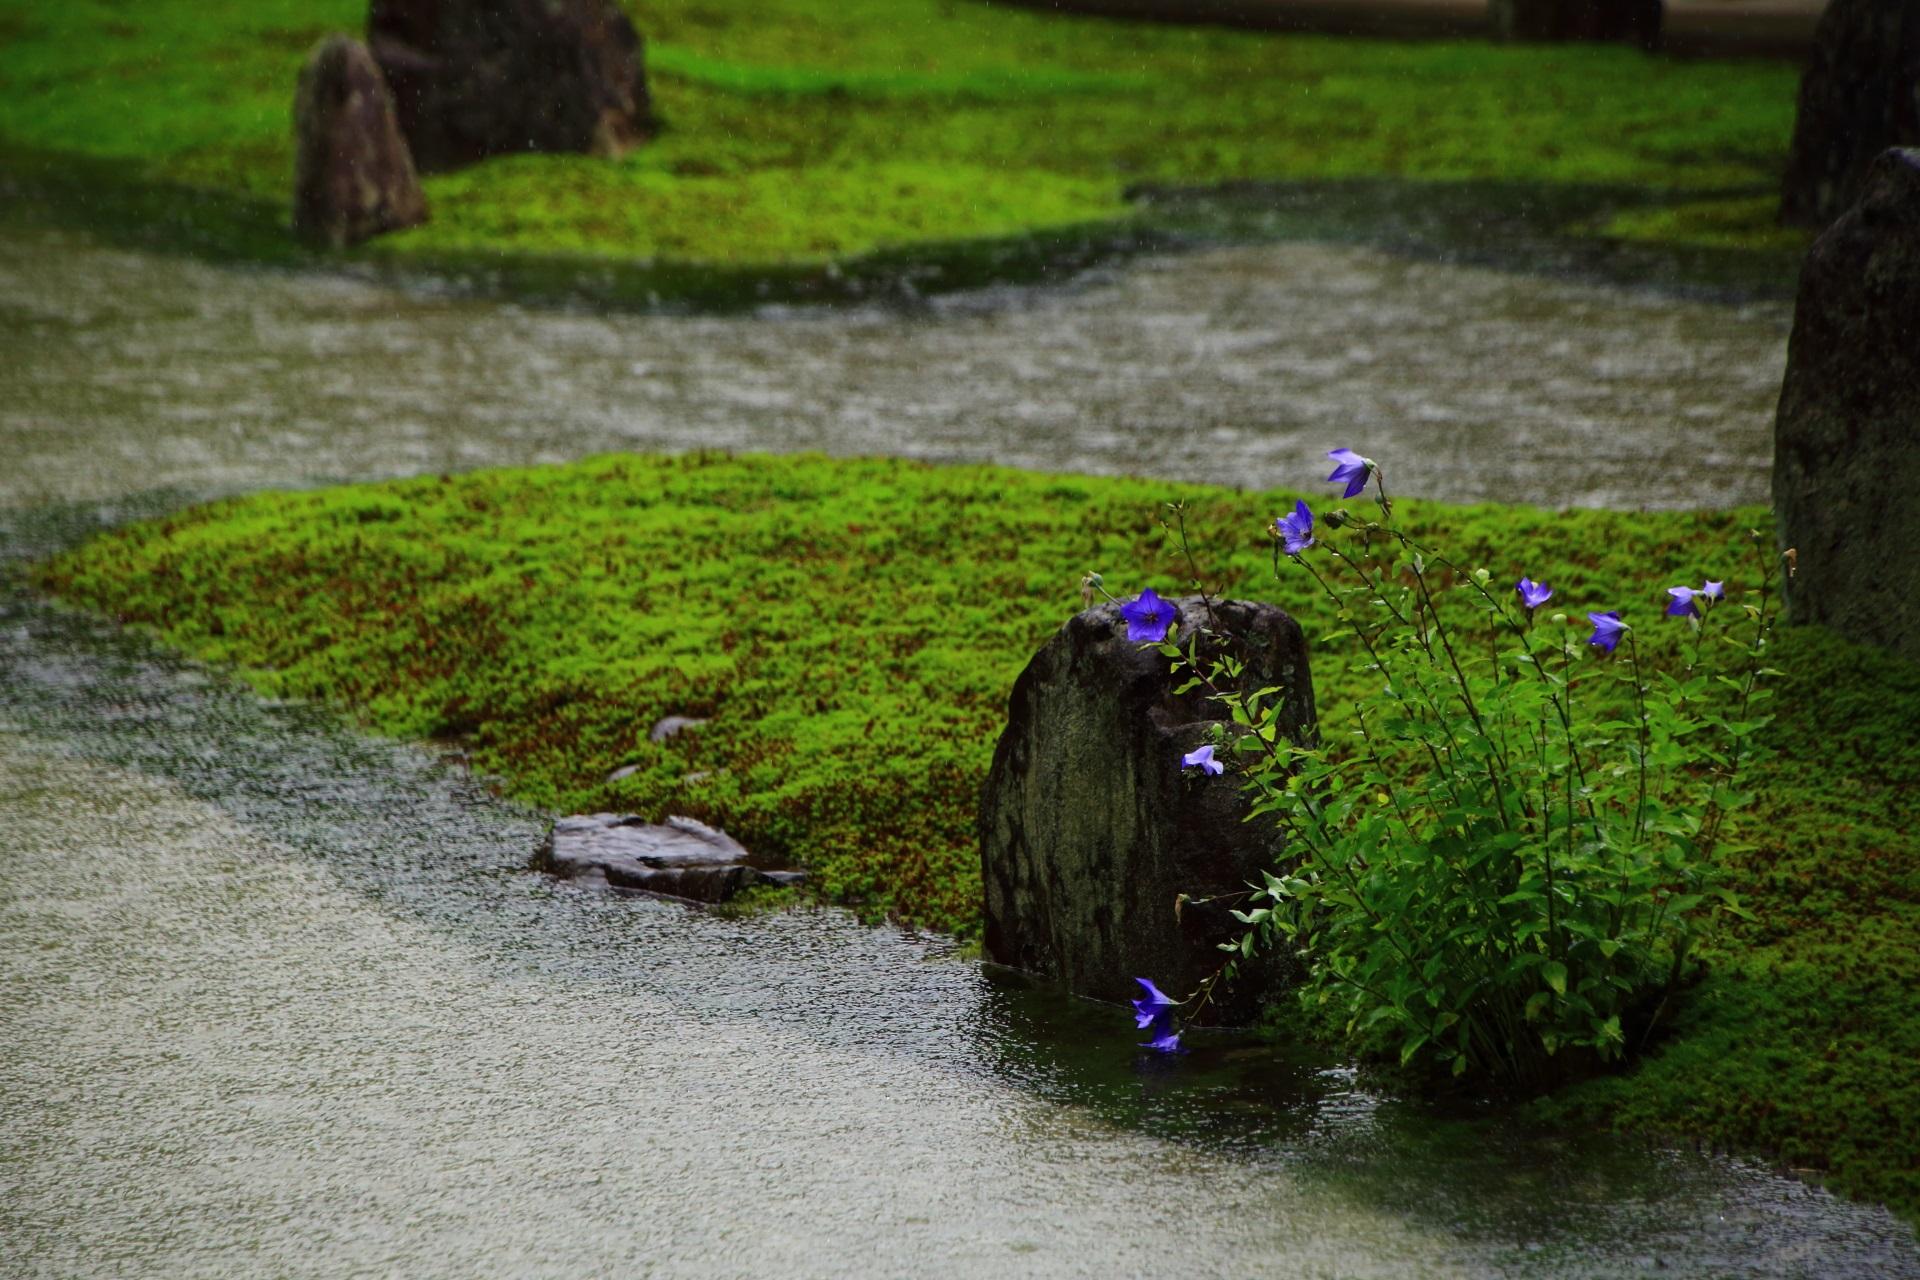 光明院の池の畔でしっとりと咲くキキョウの花